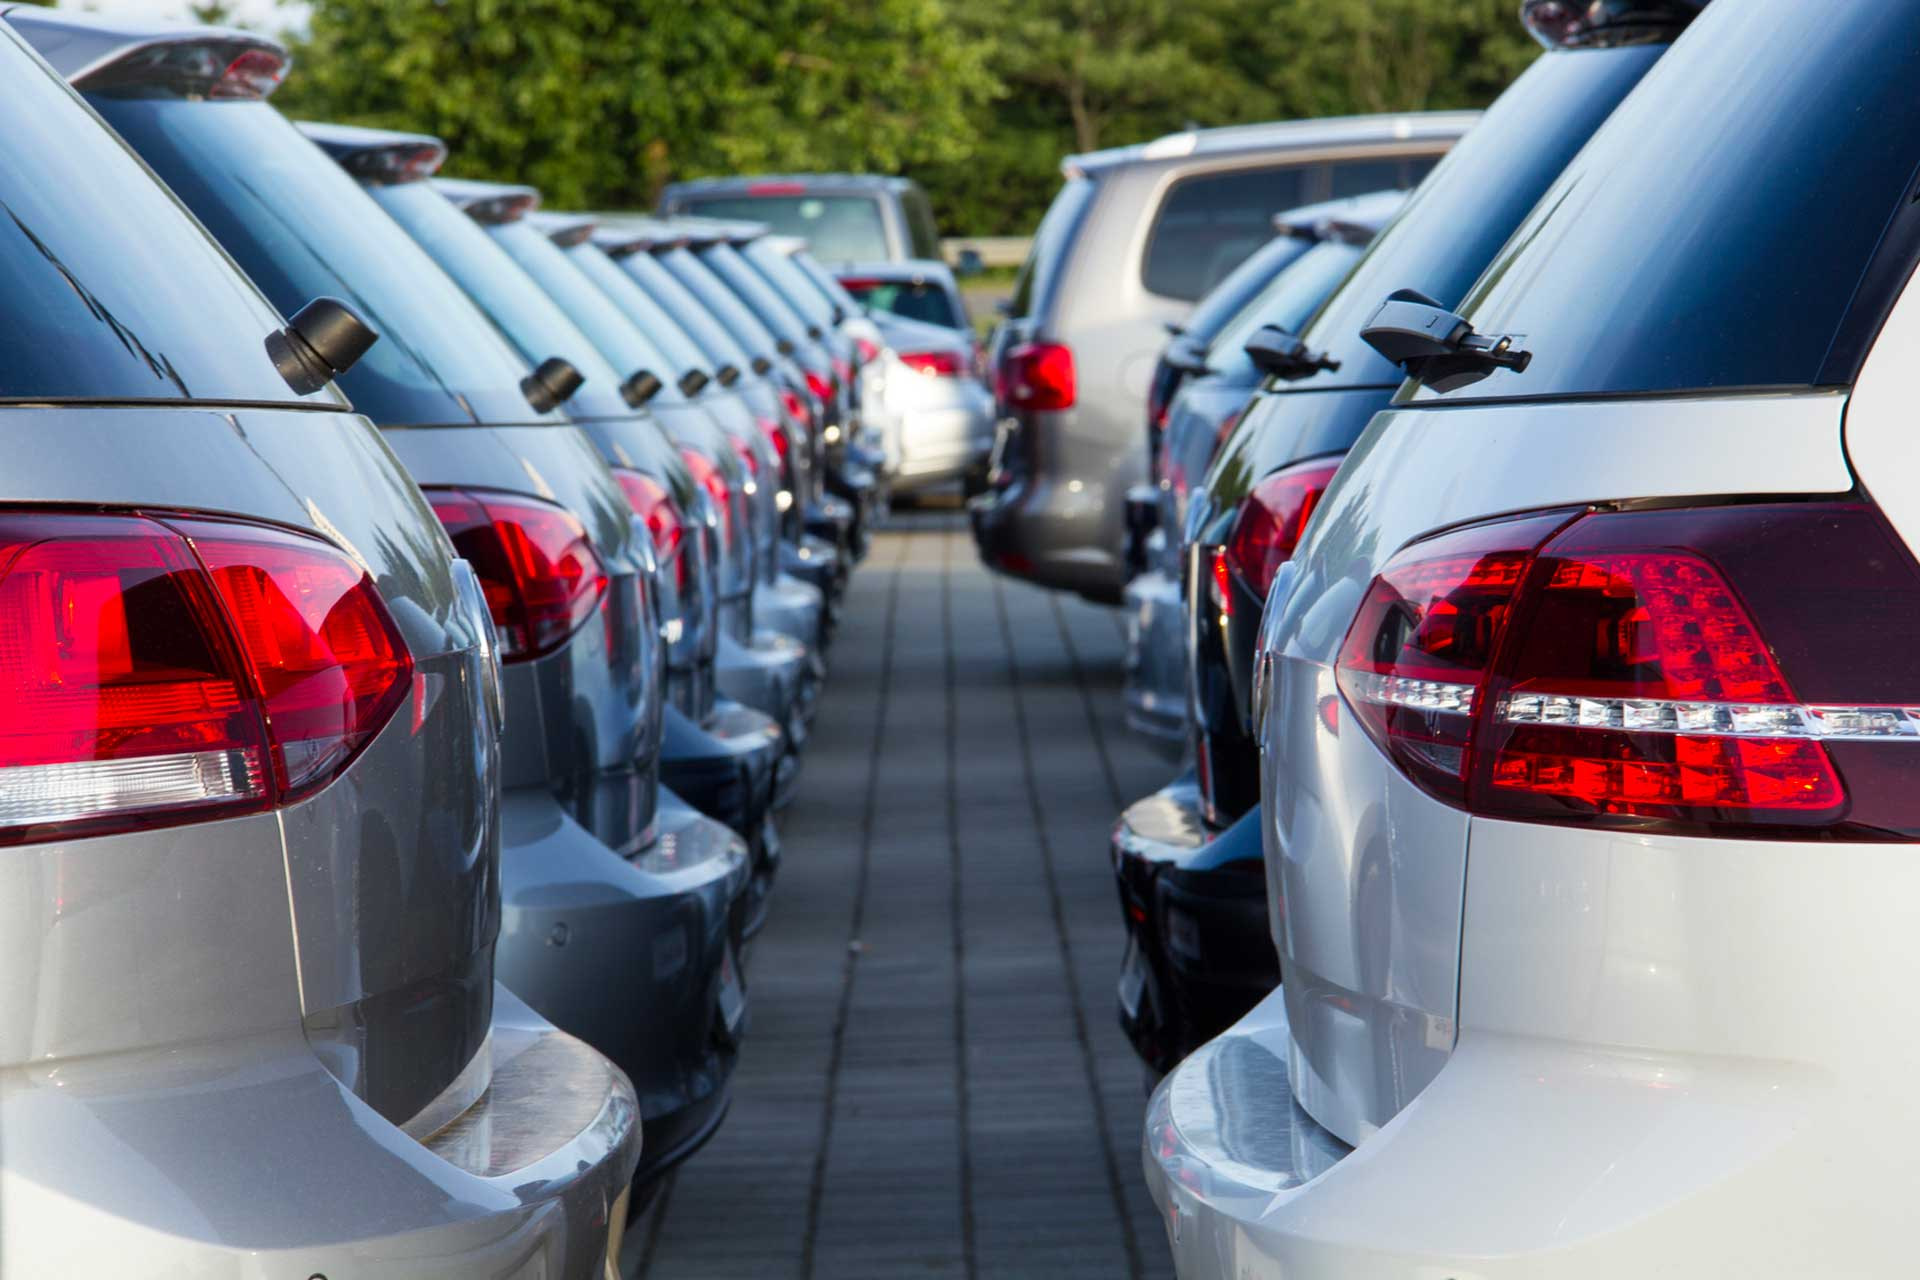 Les agences Allianz Papalia Auch, Fleurance et l'Isle Jourdain proposent une offre d'assurances pour tout type d'automobiles que vous soyez particulier ou professionnel.